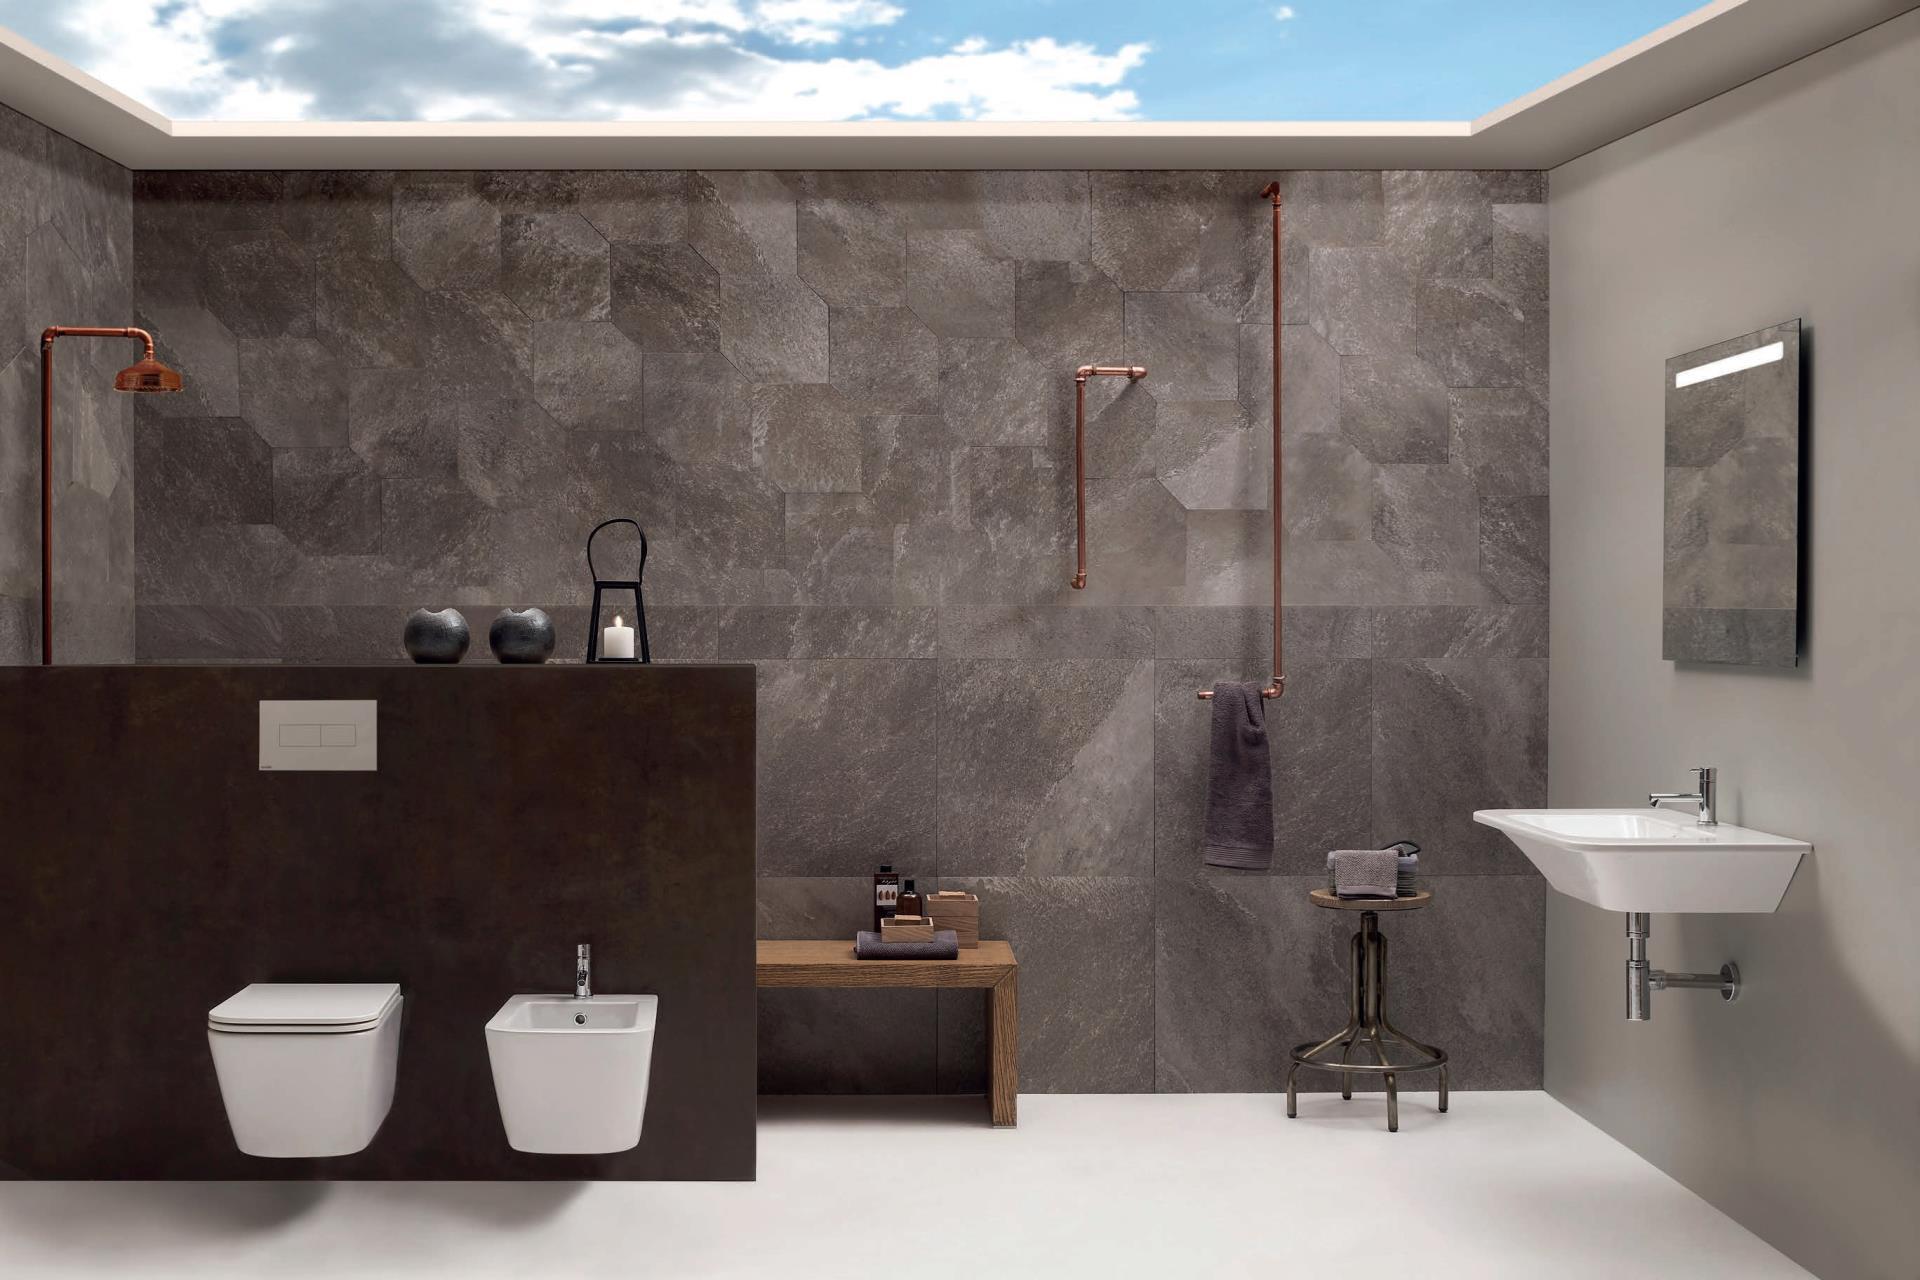 Sanitari arredo bagno alto adige stone wc bidet di globo ceramica - Arredo bagno globo ...